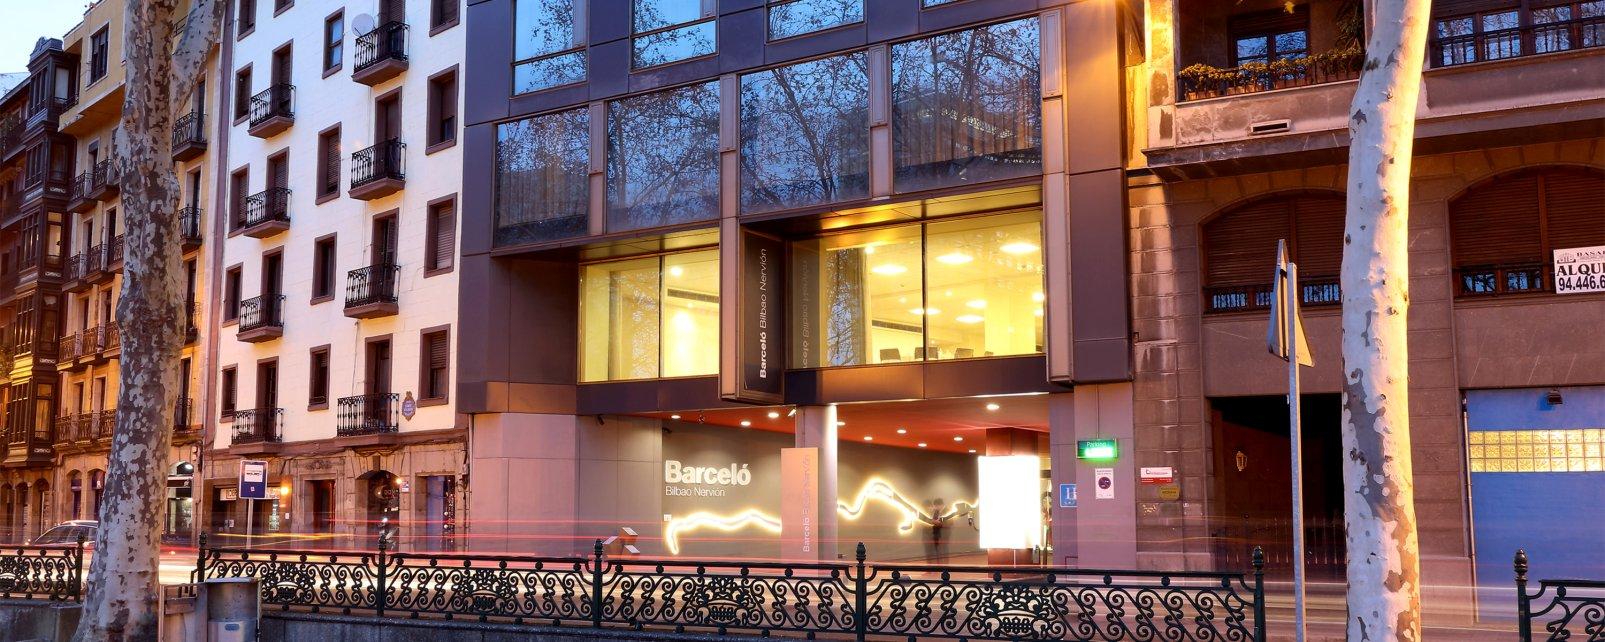 Hôtel Barcelo Bilbao Nervion